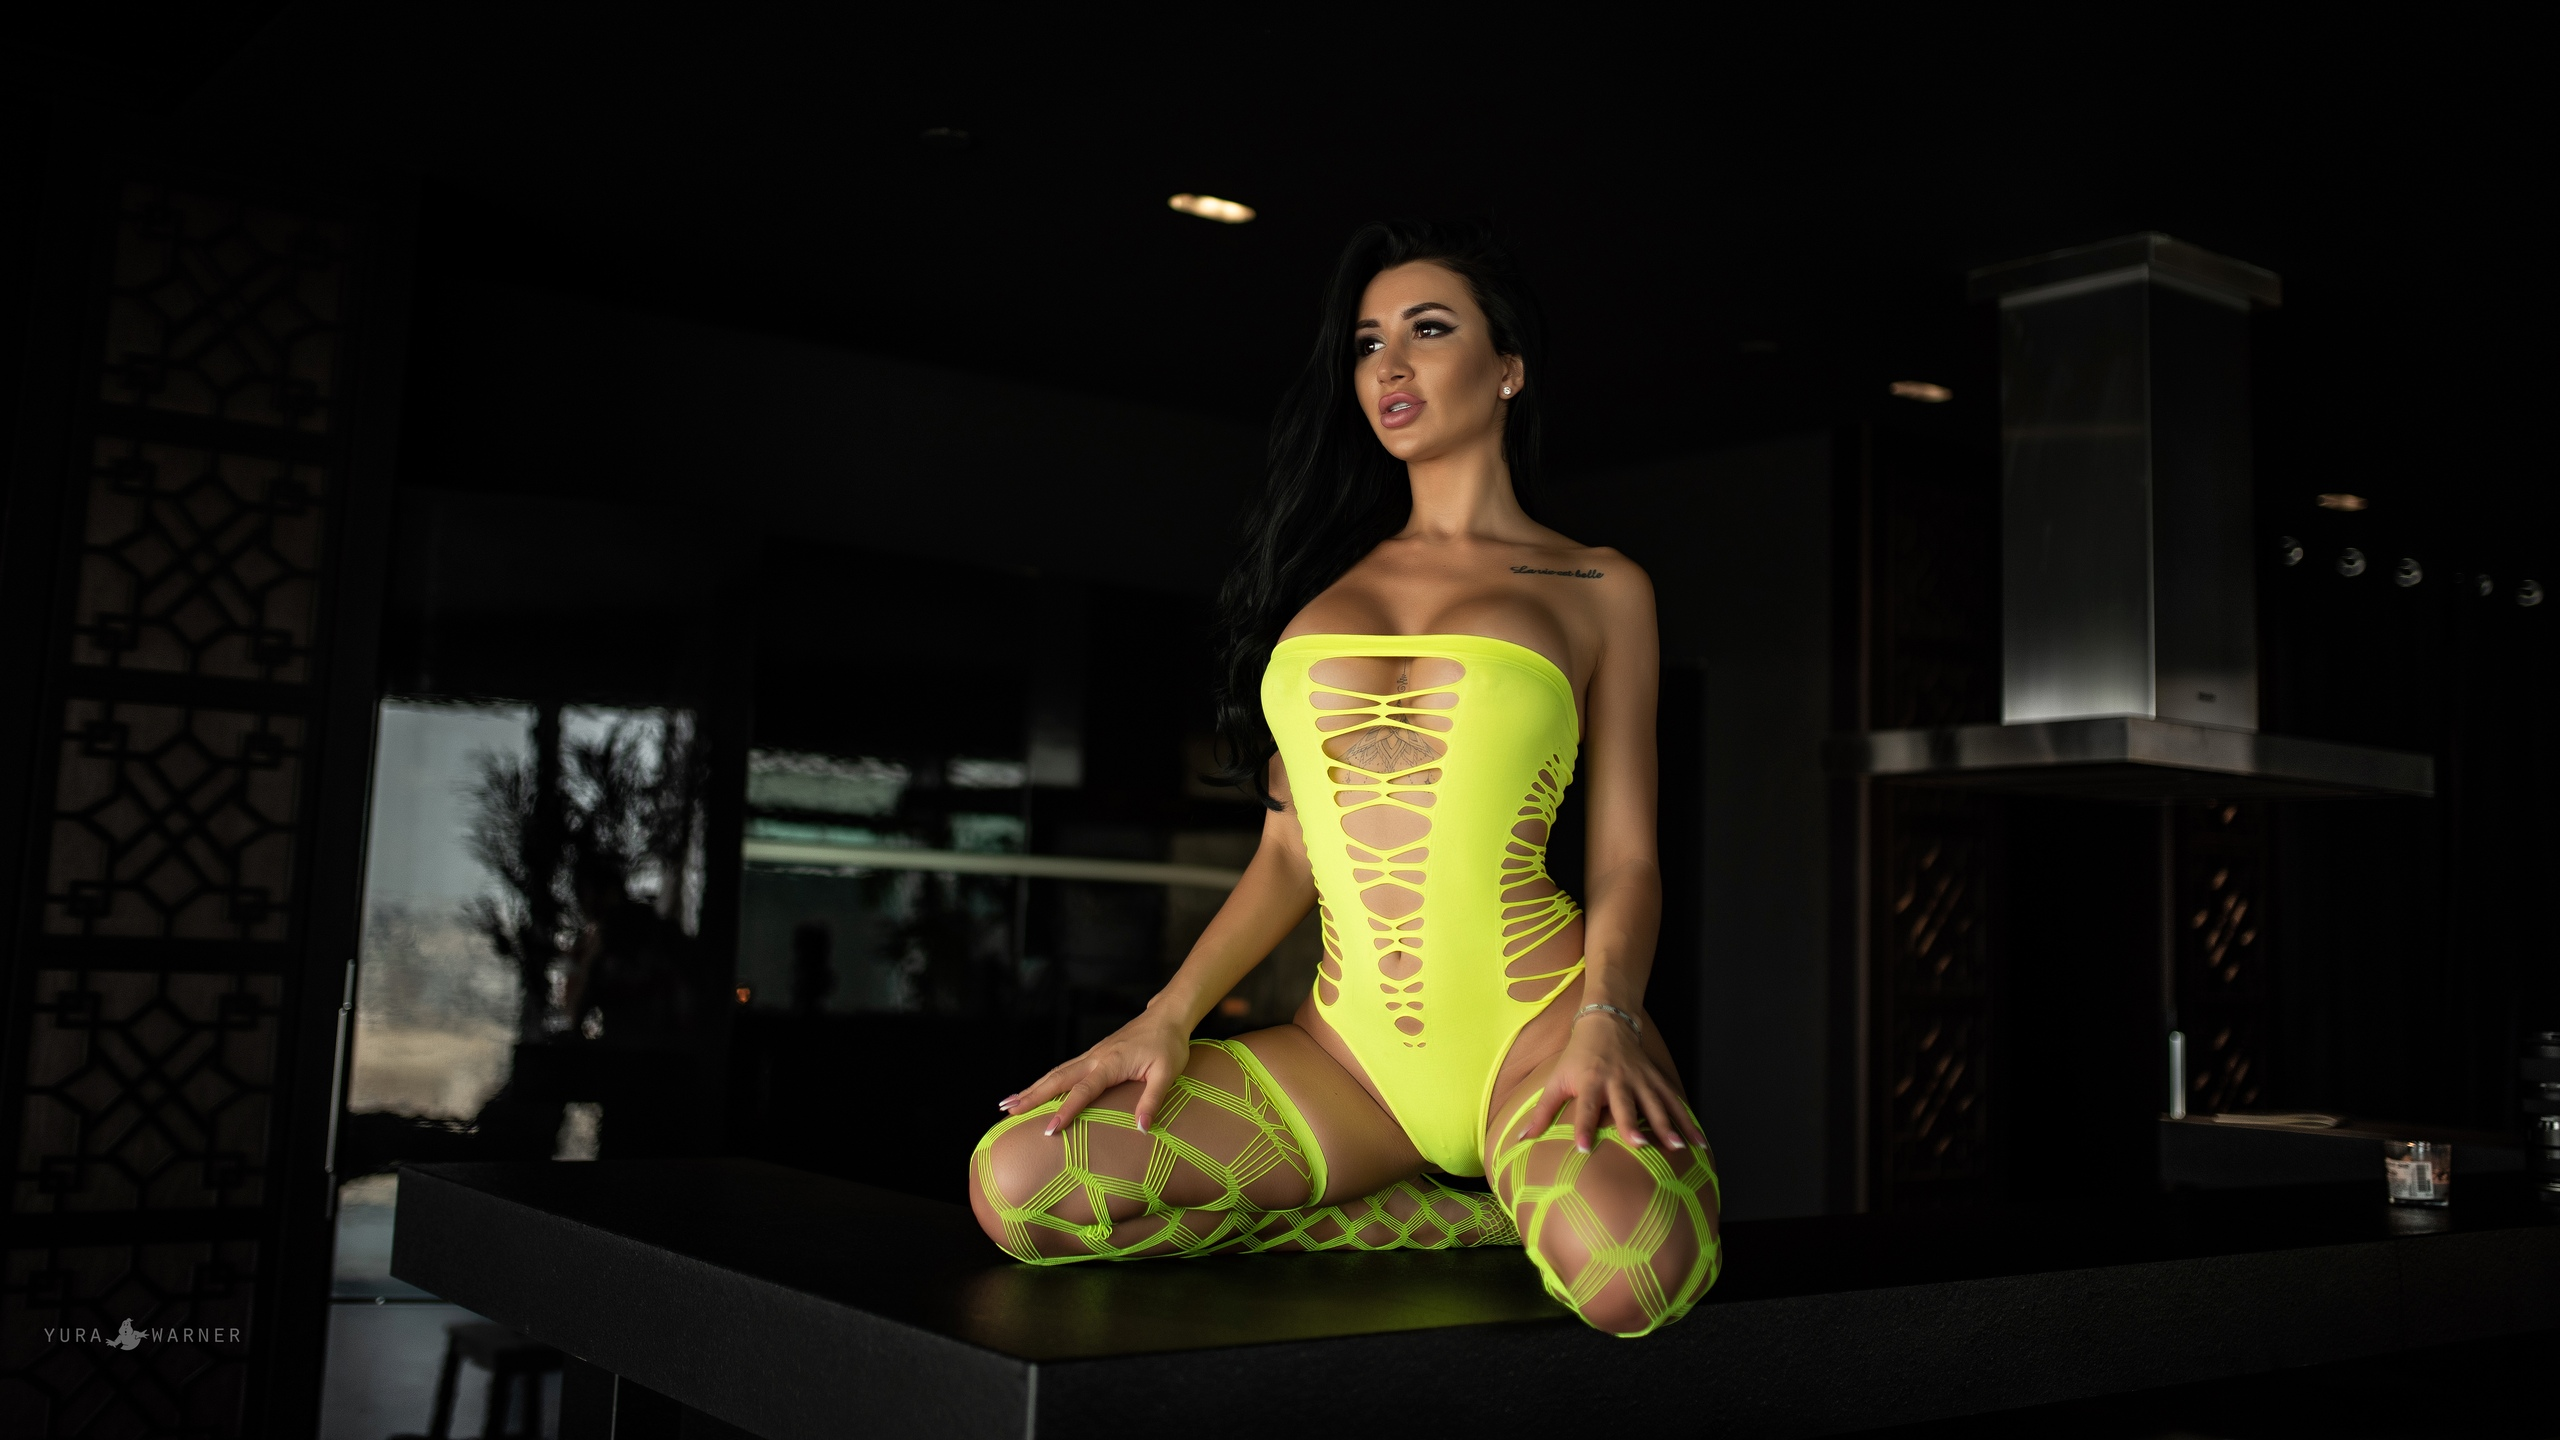 People 2560x1440 women kneeling inked girls pink nails Yura Warner Ekaterina Putina yellow pierced vagina